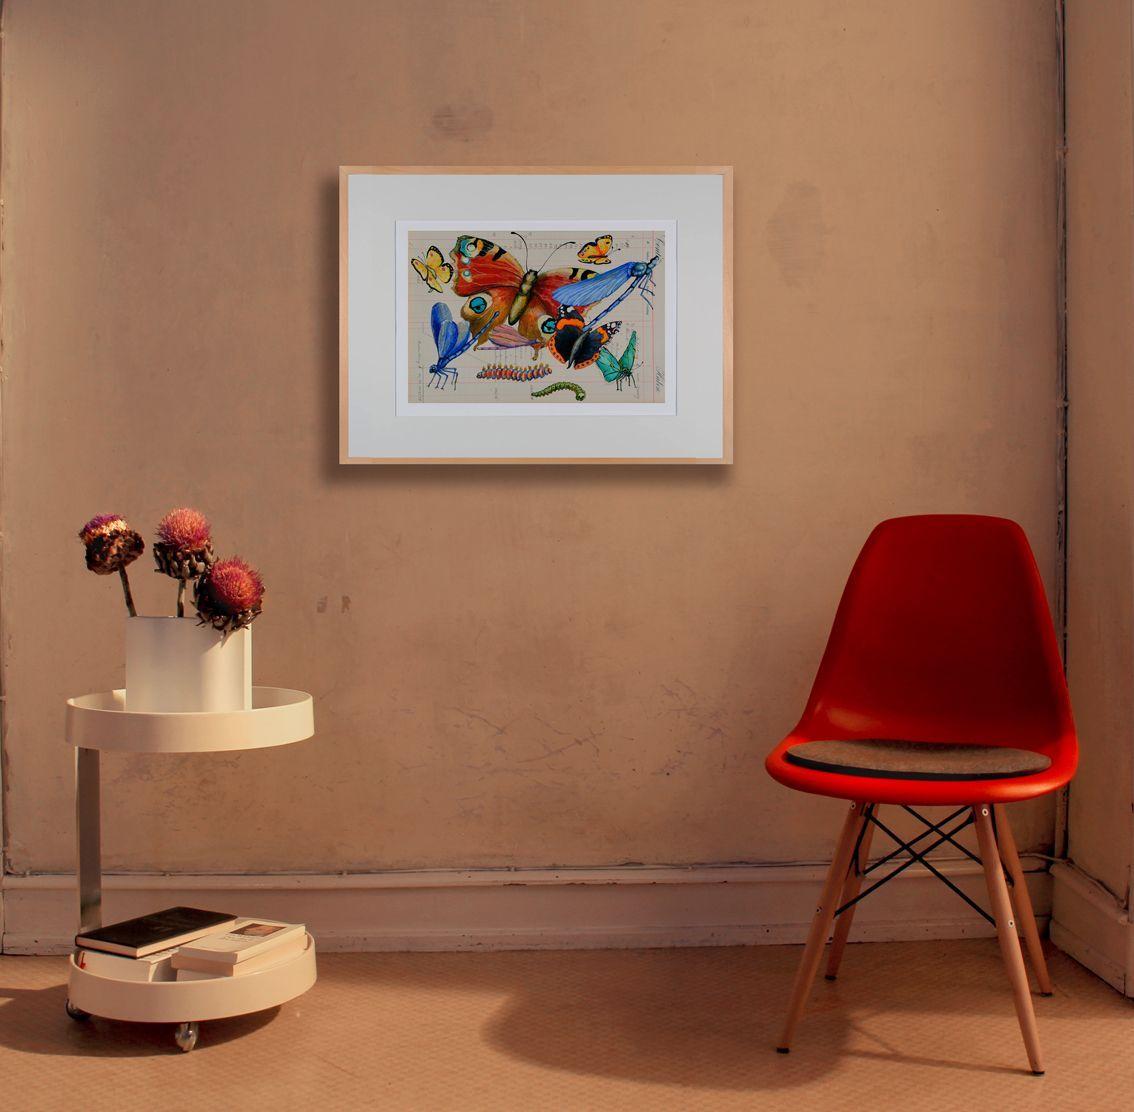 soll und haben verlag kunsthandel home. Black Bedroom Furniture Sets. Home Design Ideas